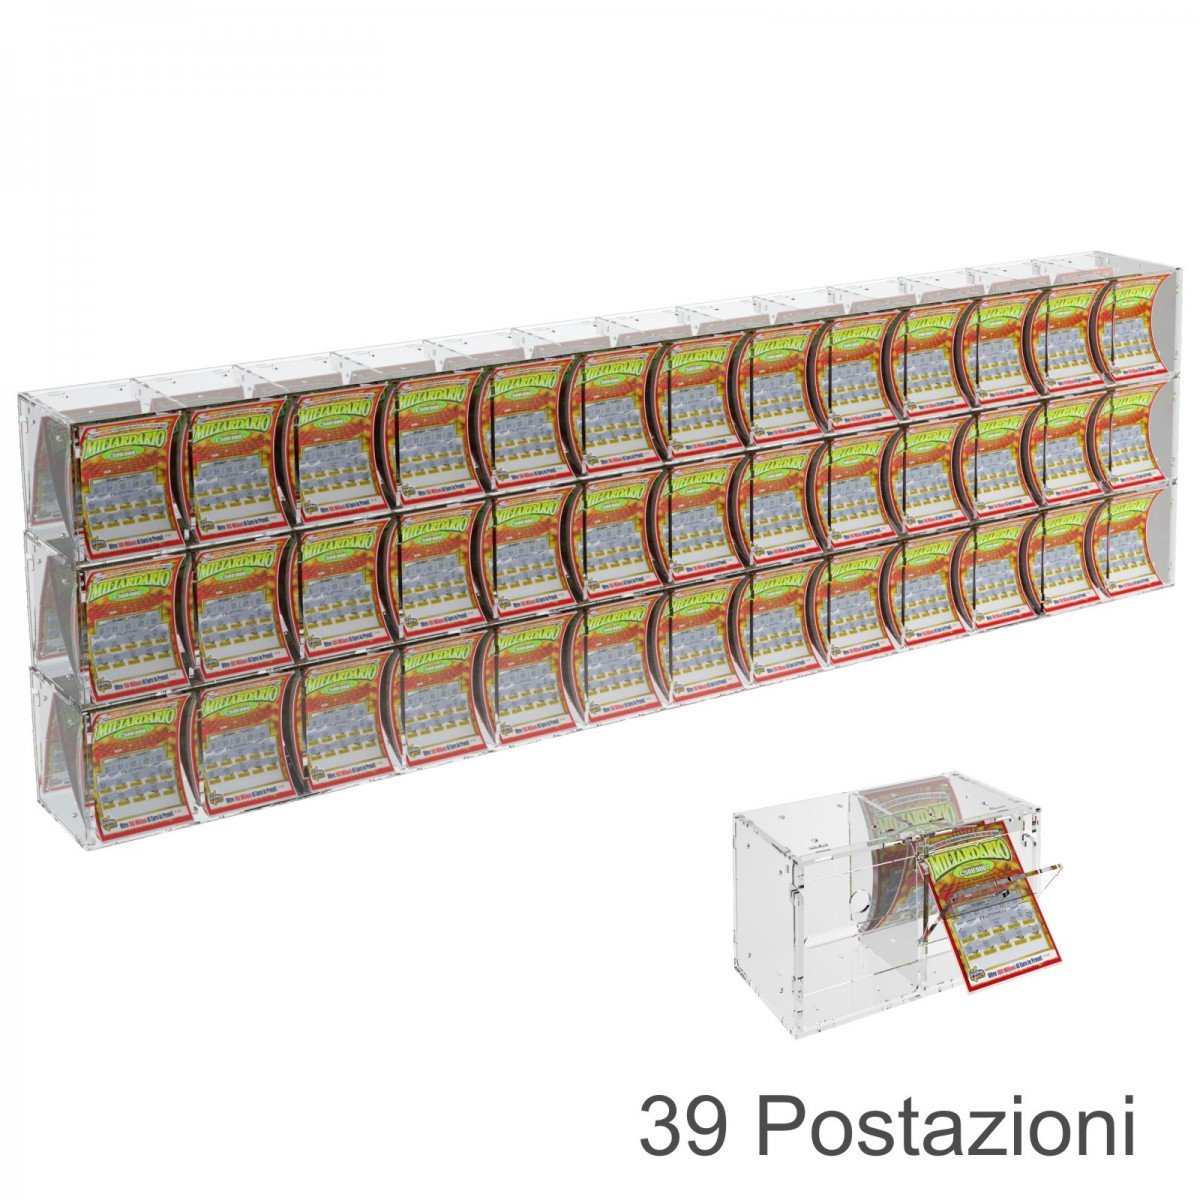 Espositore gratta e vinci da banco o da soffitto in plexiglass trasparente a 39 contenitori munito di sportellino frontale lato rivenditore